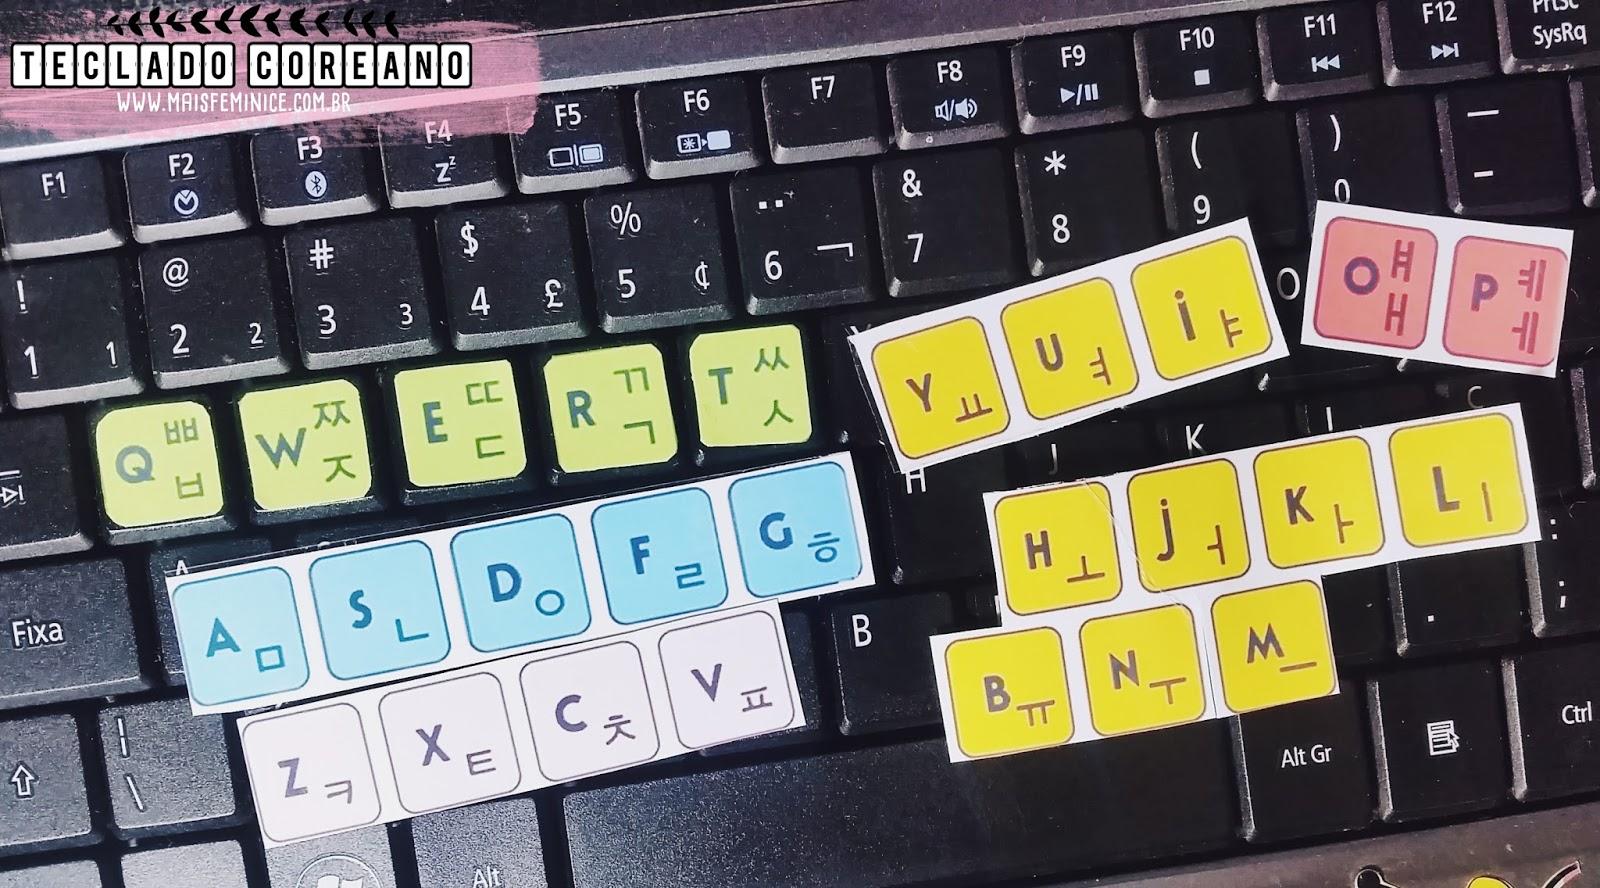 Aparador Madeira ~ Adesivo de teclado coreano Hangul ud55c uae00 Mais feminices; e outras coisinhas